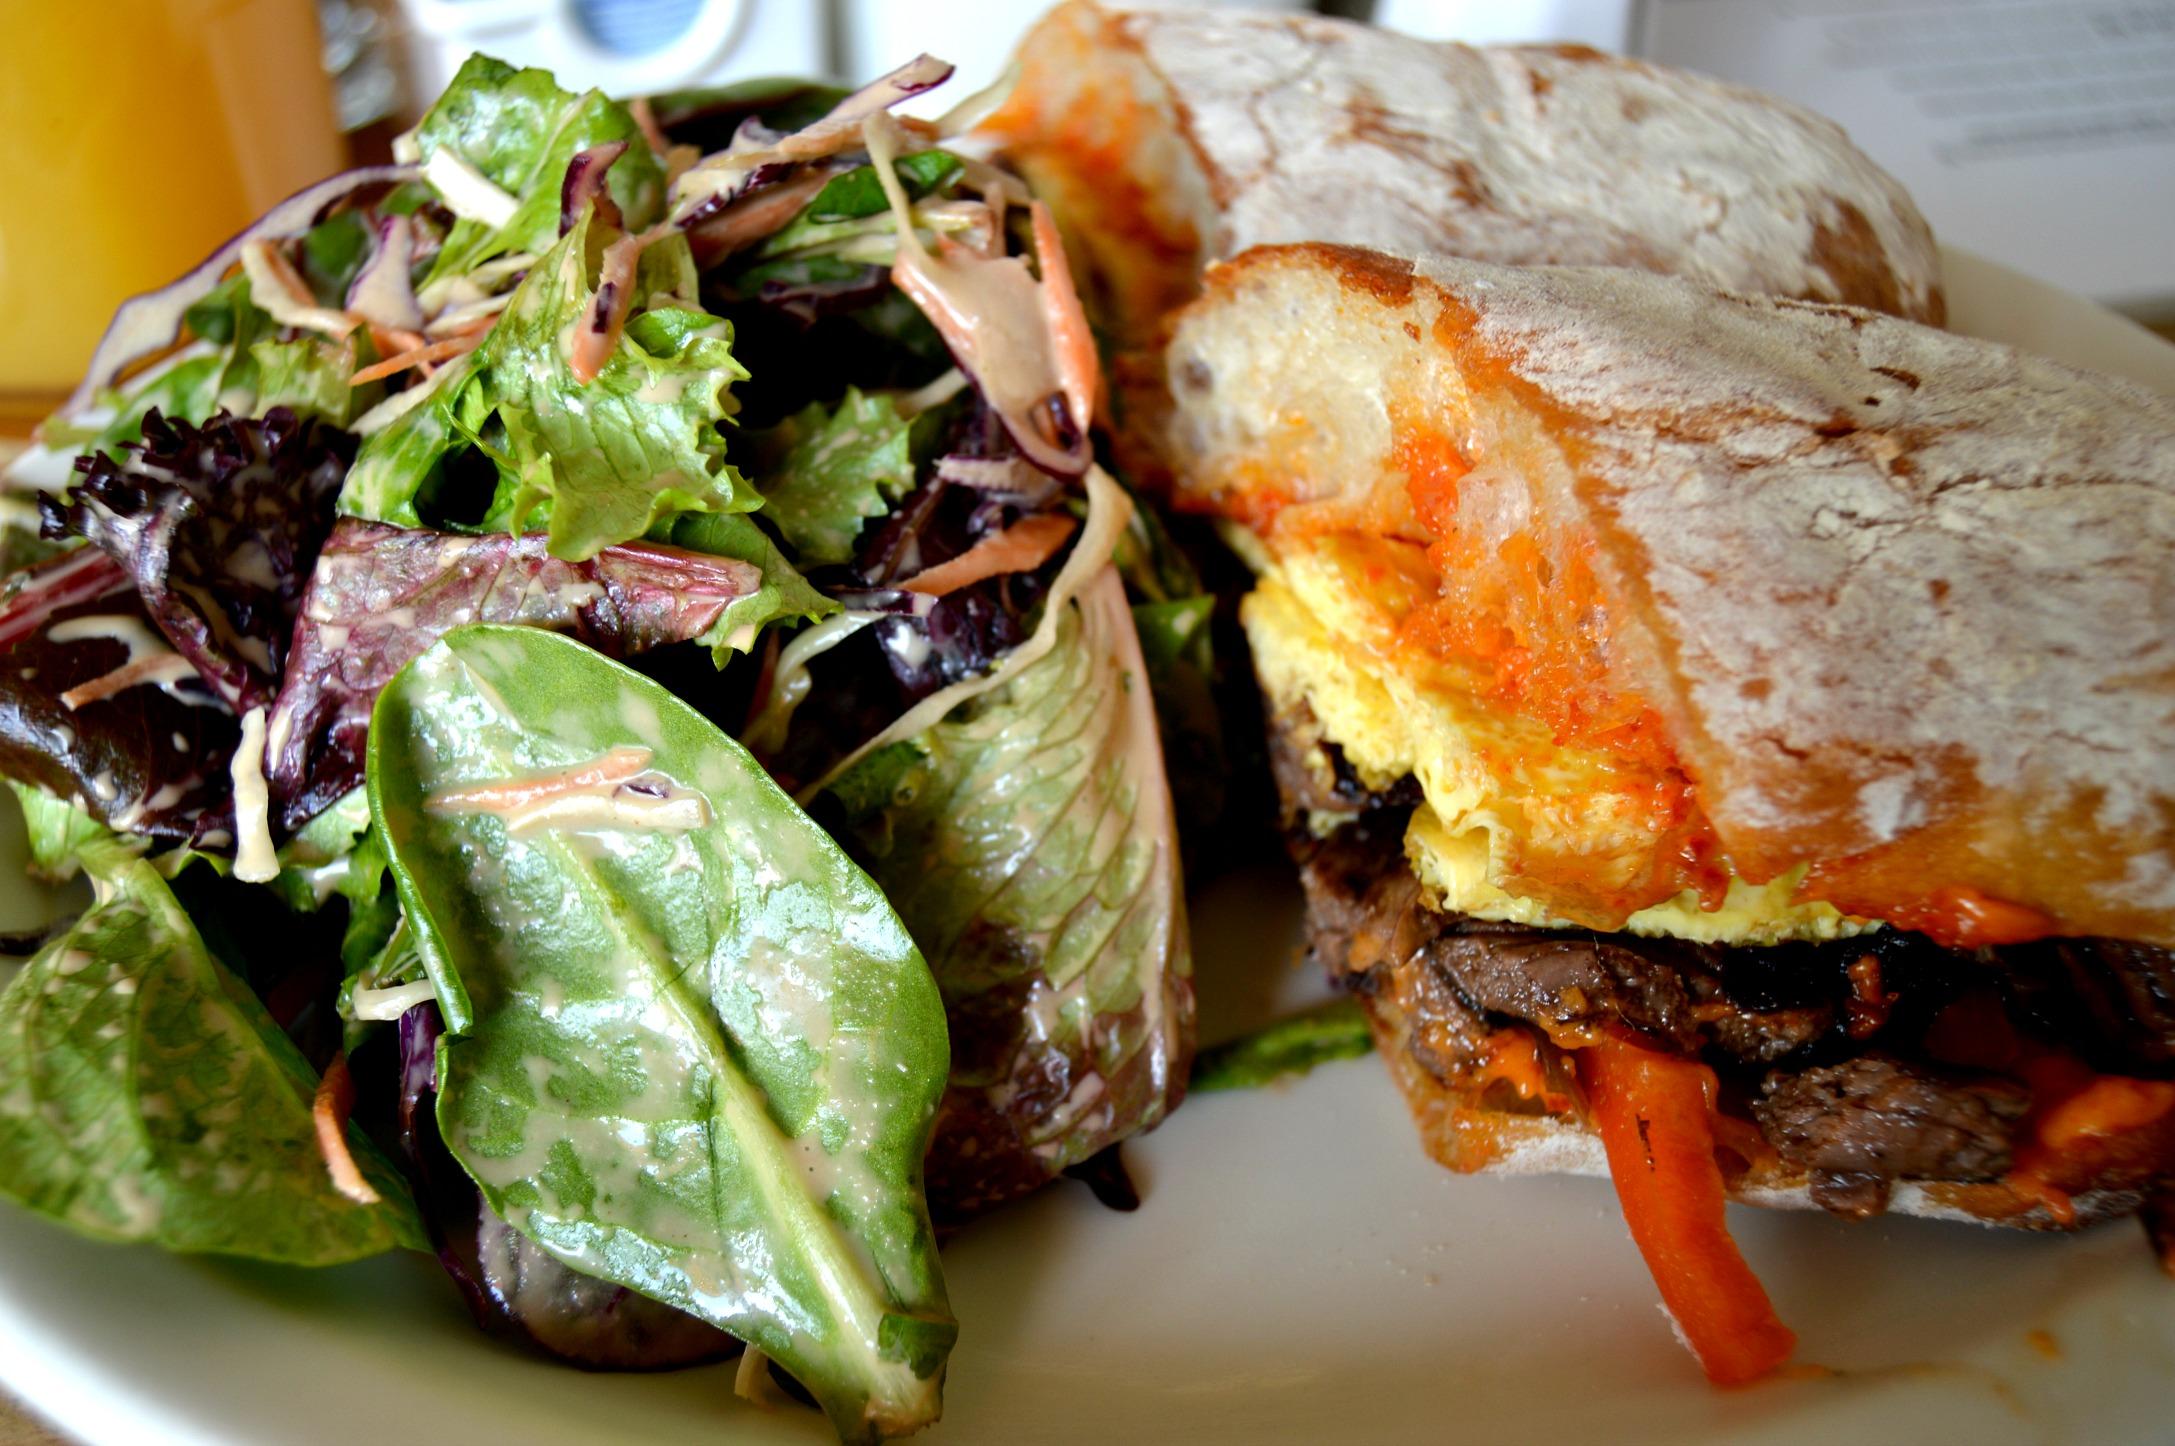 Yatenga Brunch Steak Sandwich